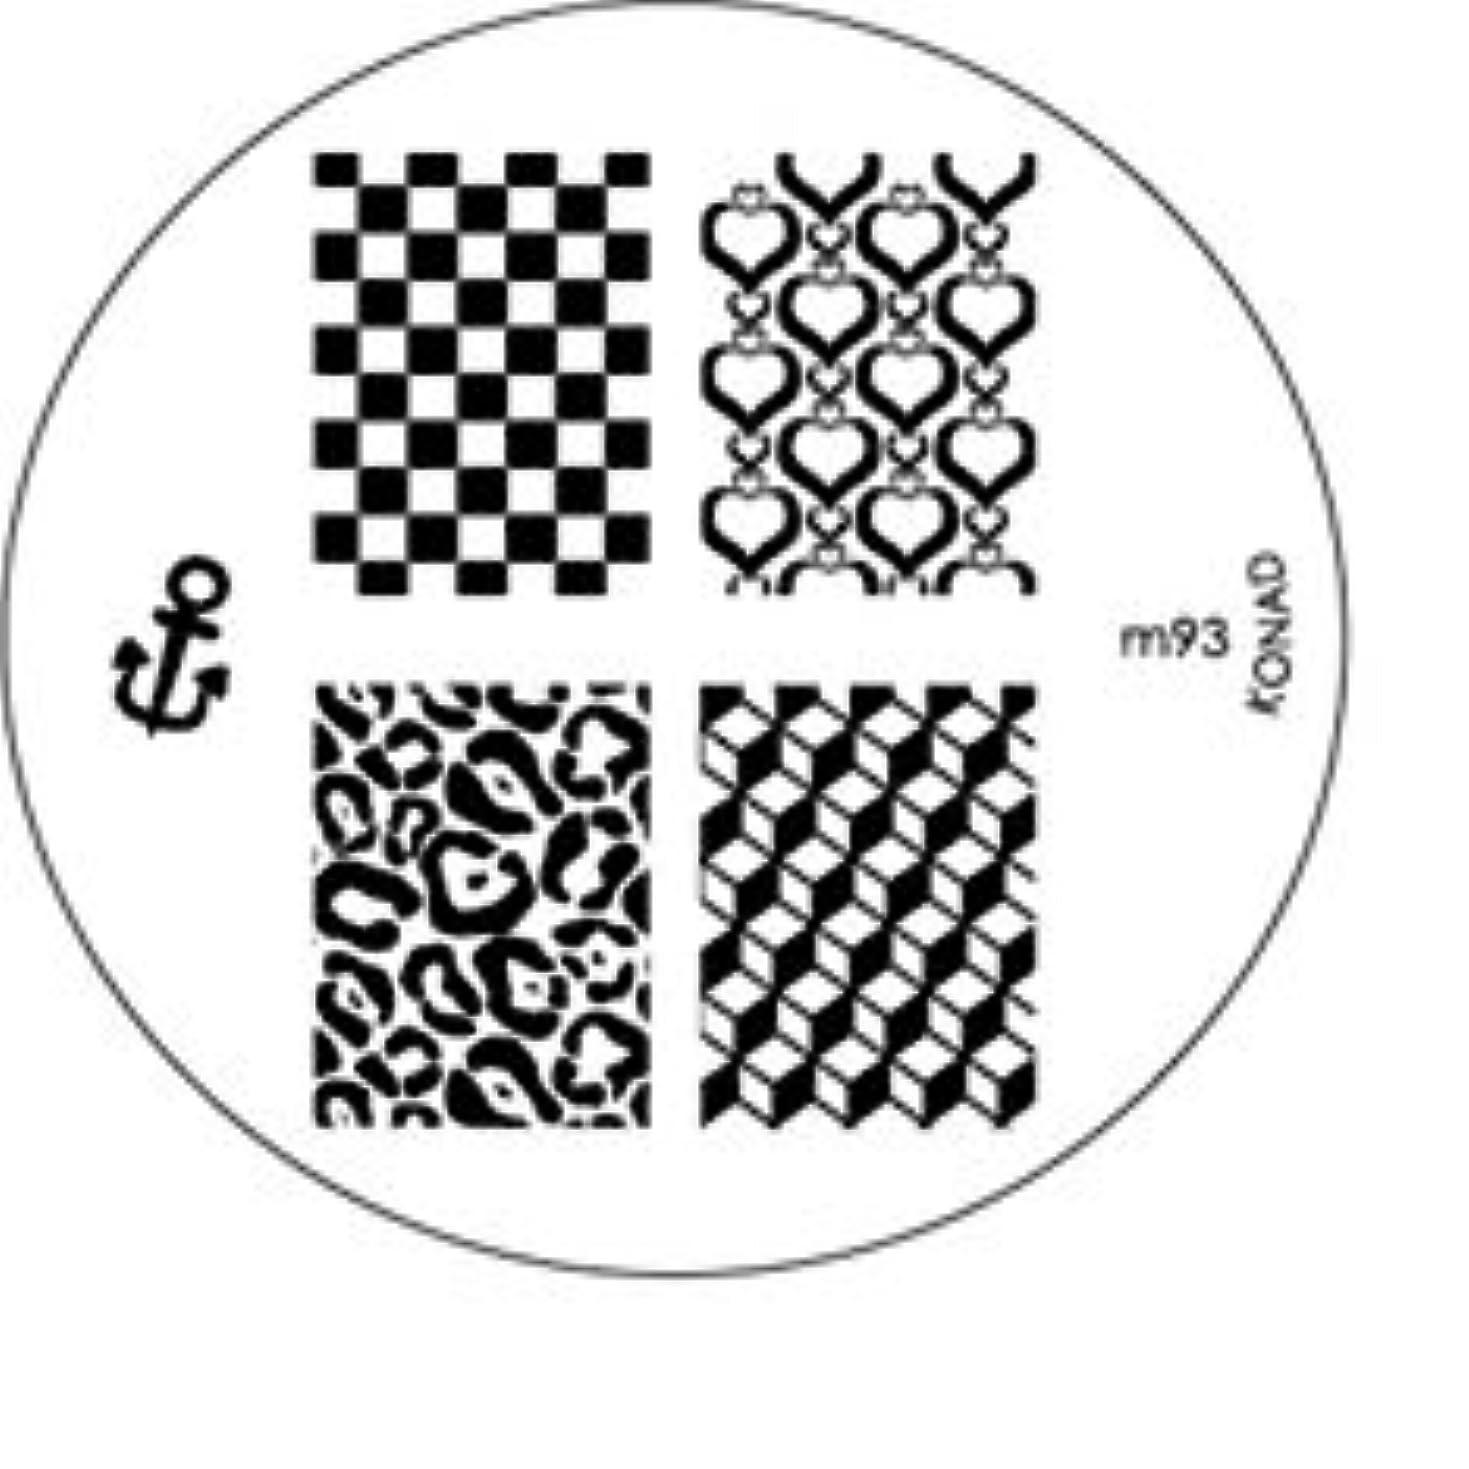 プール化合物進化KONAD コナド スタンピングネイルアート専用 イメージプレート m93